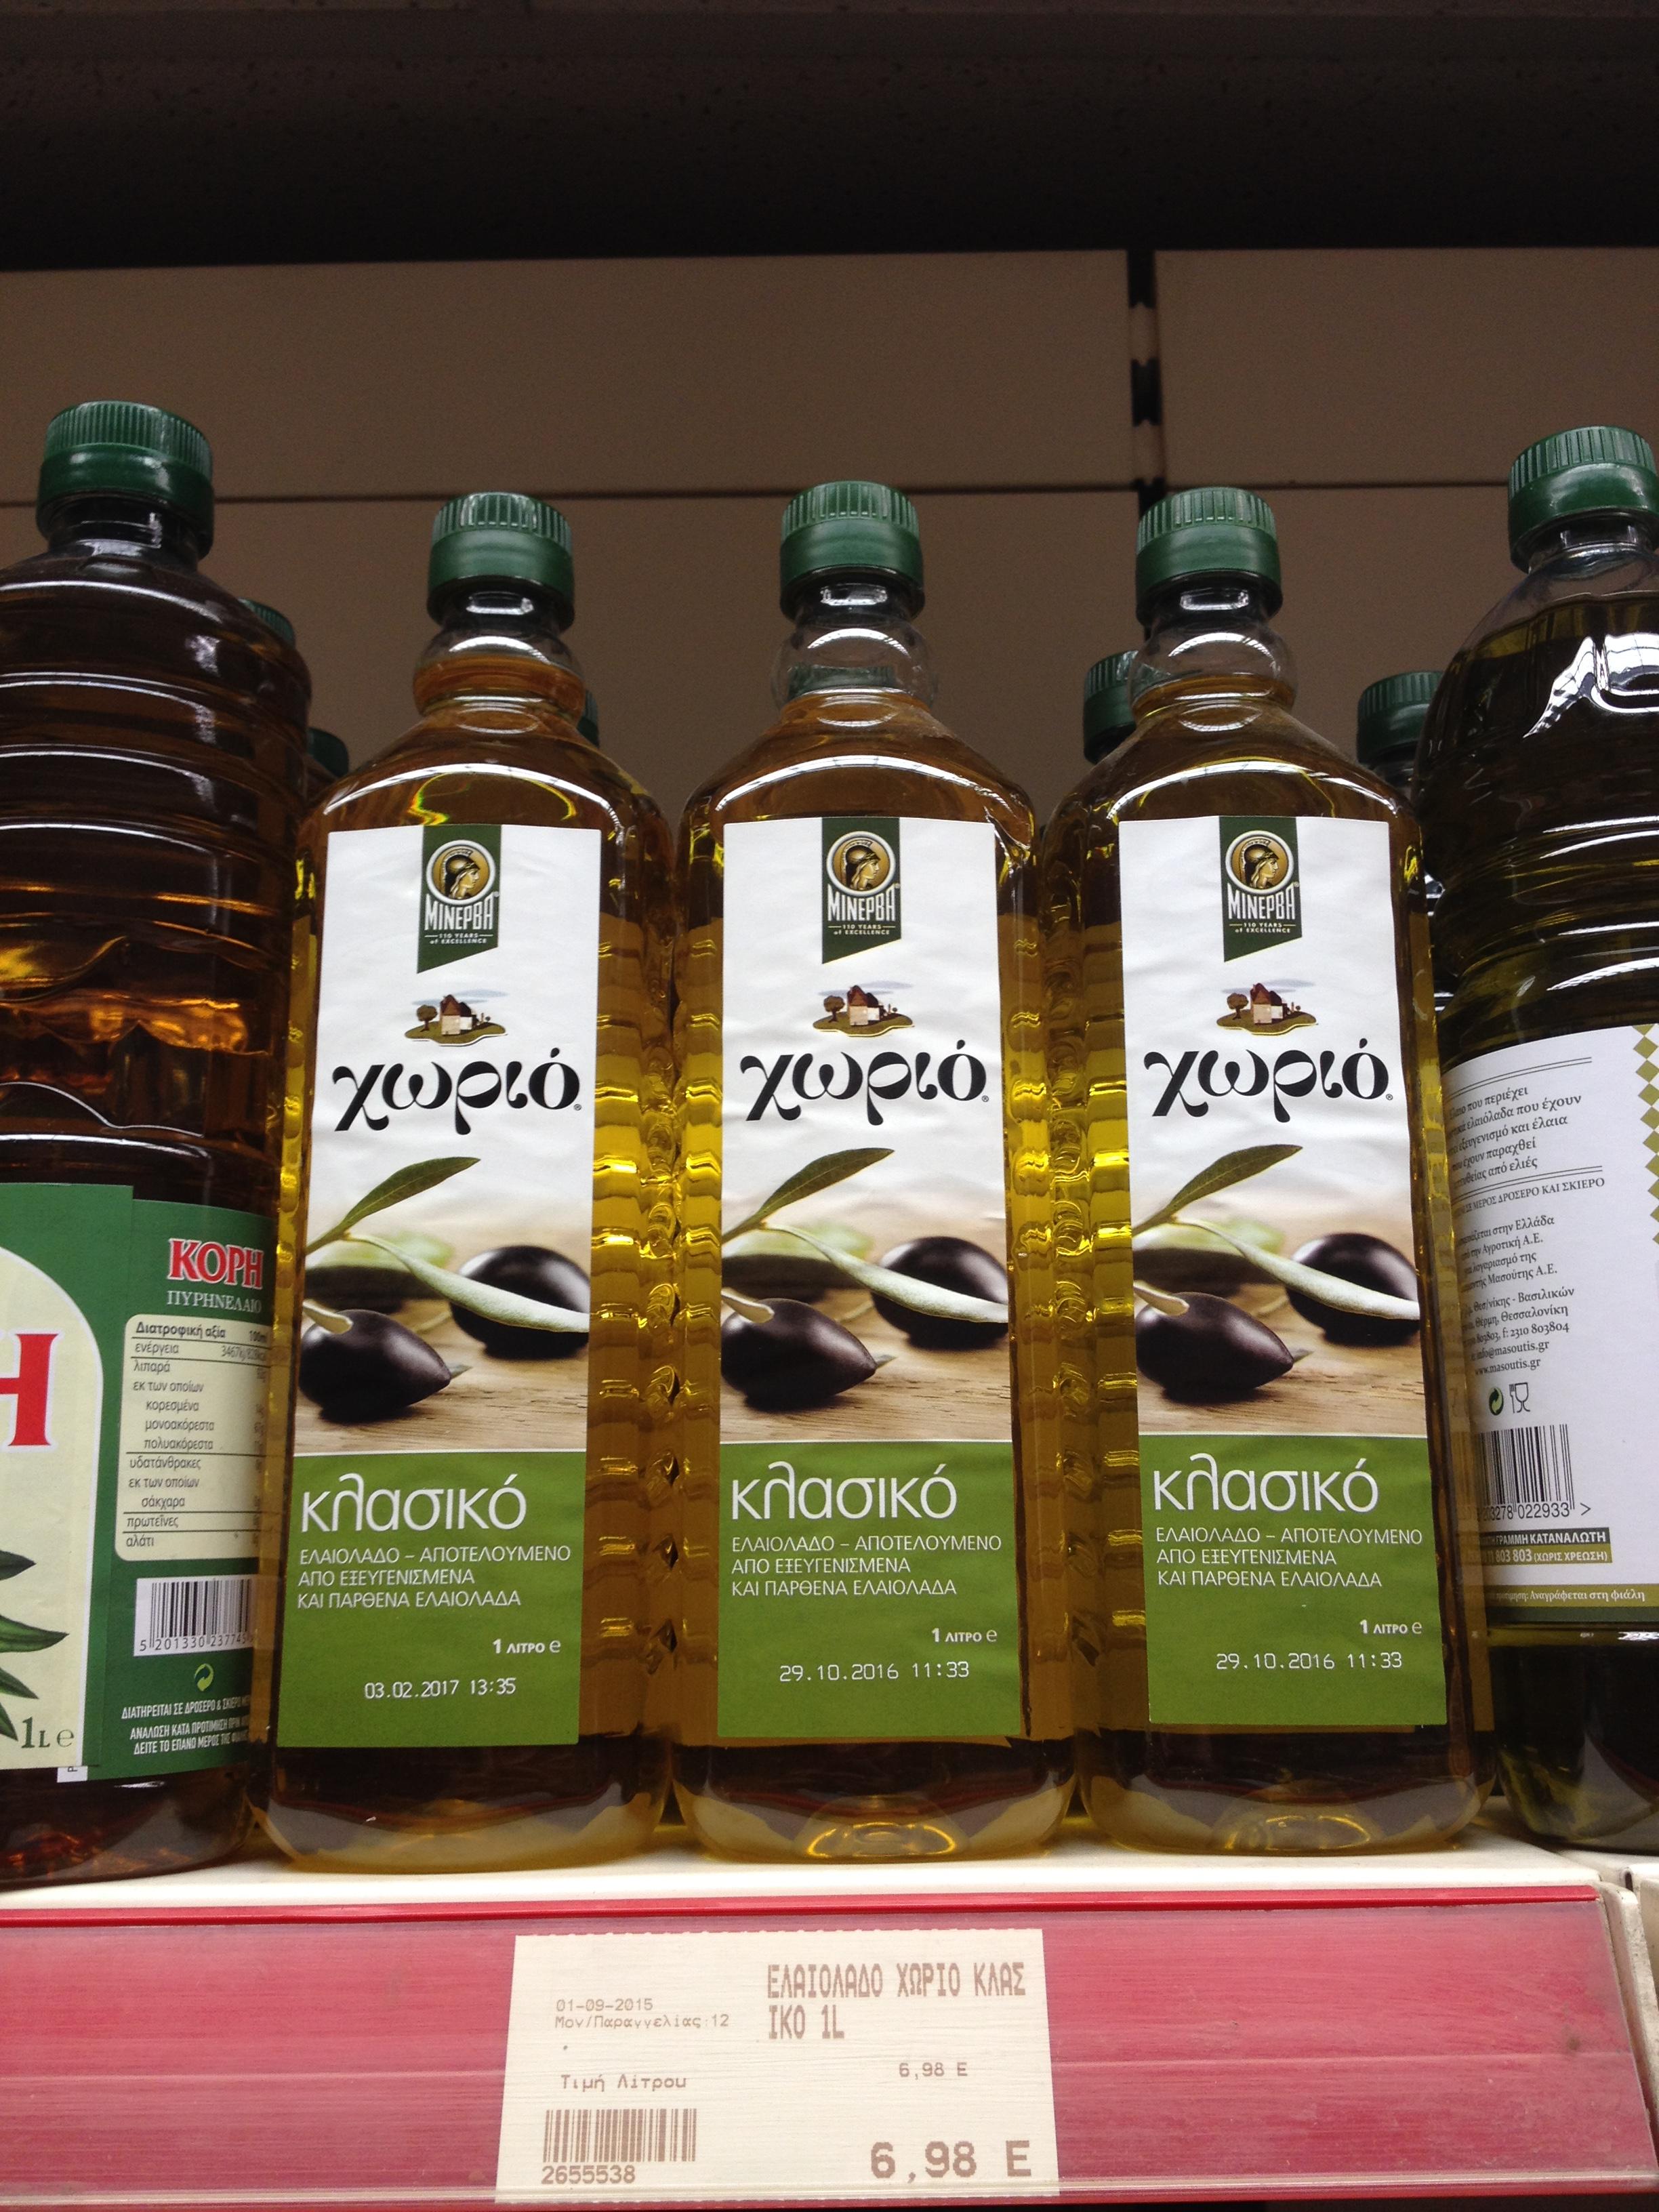 Az ismert Minerva olajcég terméke szűz olívaolajként hirdeti magát, de az igazság a címke apró betűiben rejlik. Árban még sincs különbség... (Fotó: Sztogi)